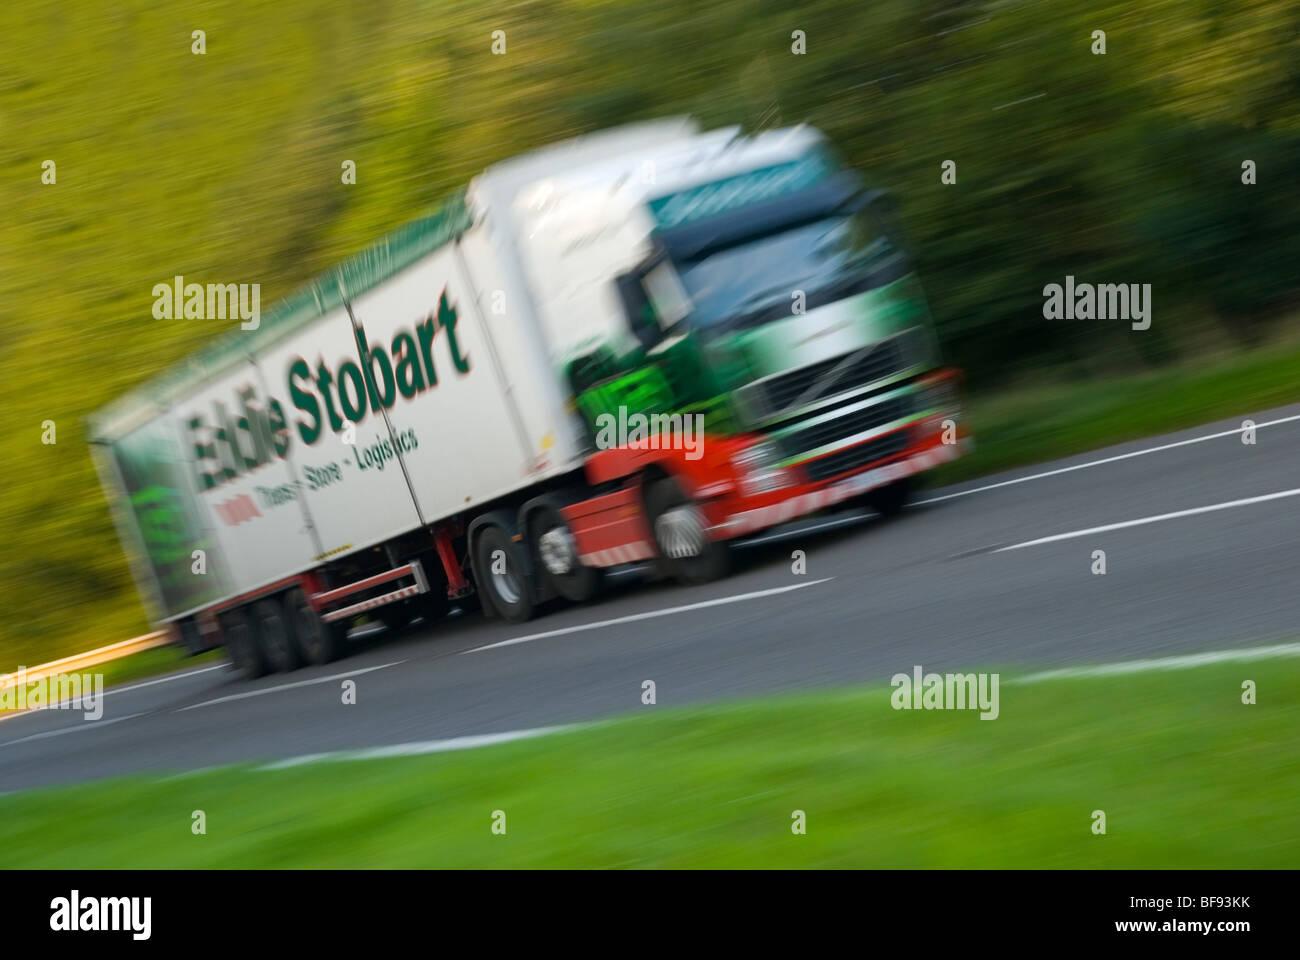 eddie-stobart-truck-with-motion-blur-BF9